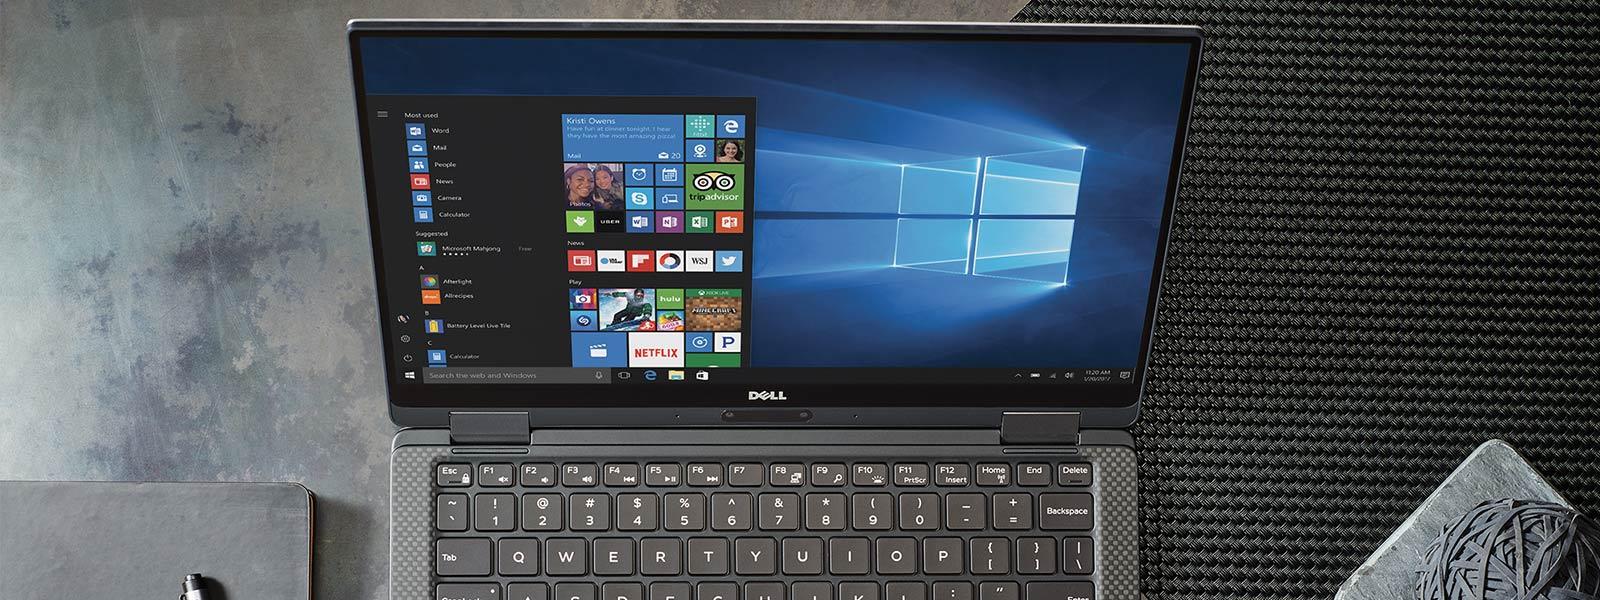 Gerät, das Windows 10-Startbildschirm anzeigt